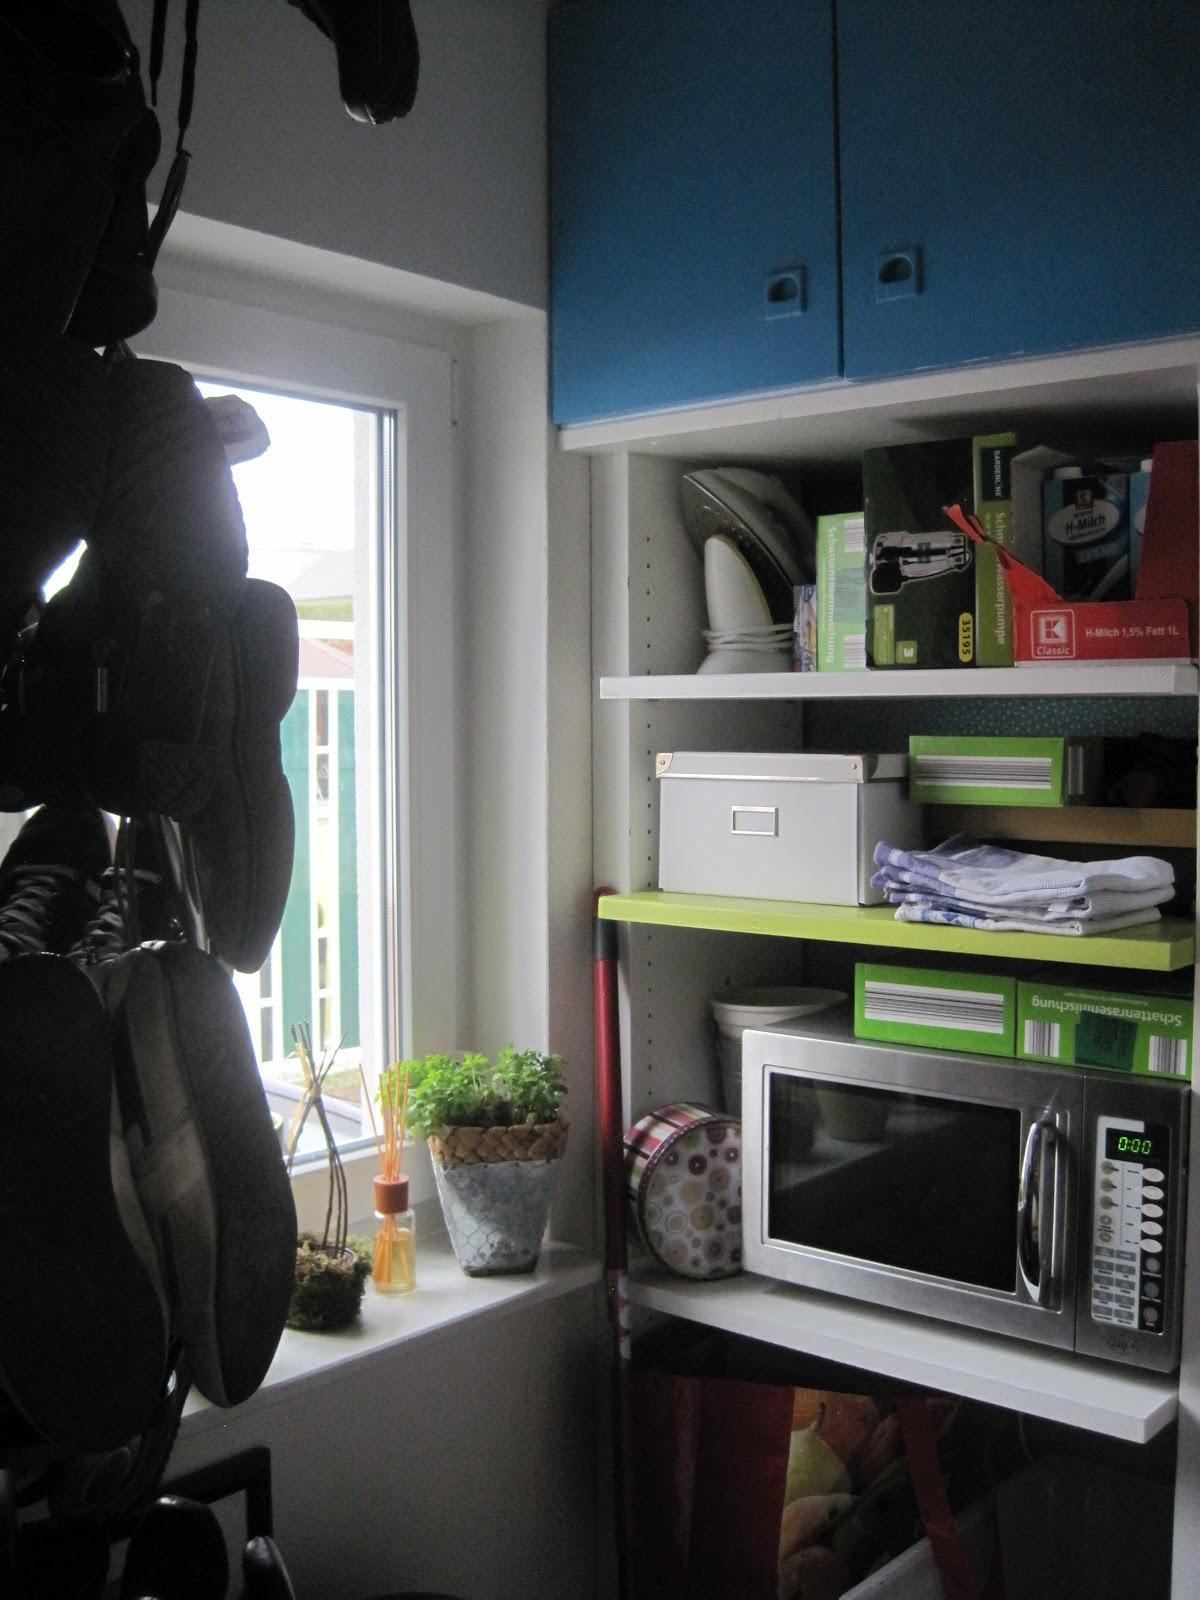 Küchenzeile Für Hwr ~ wir bauten orange medley200 +keller+wiga einbauregal für hwr oder aus alt mach neu